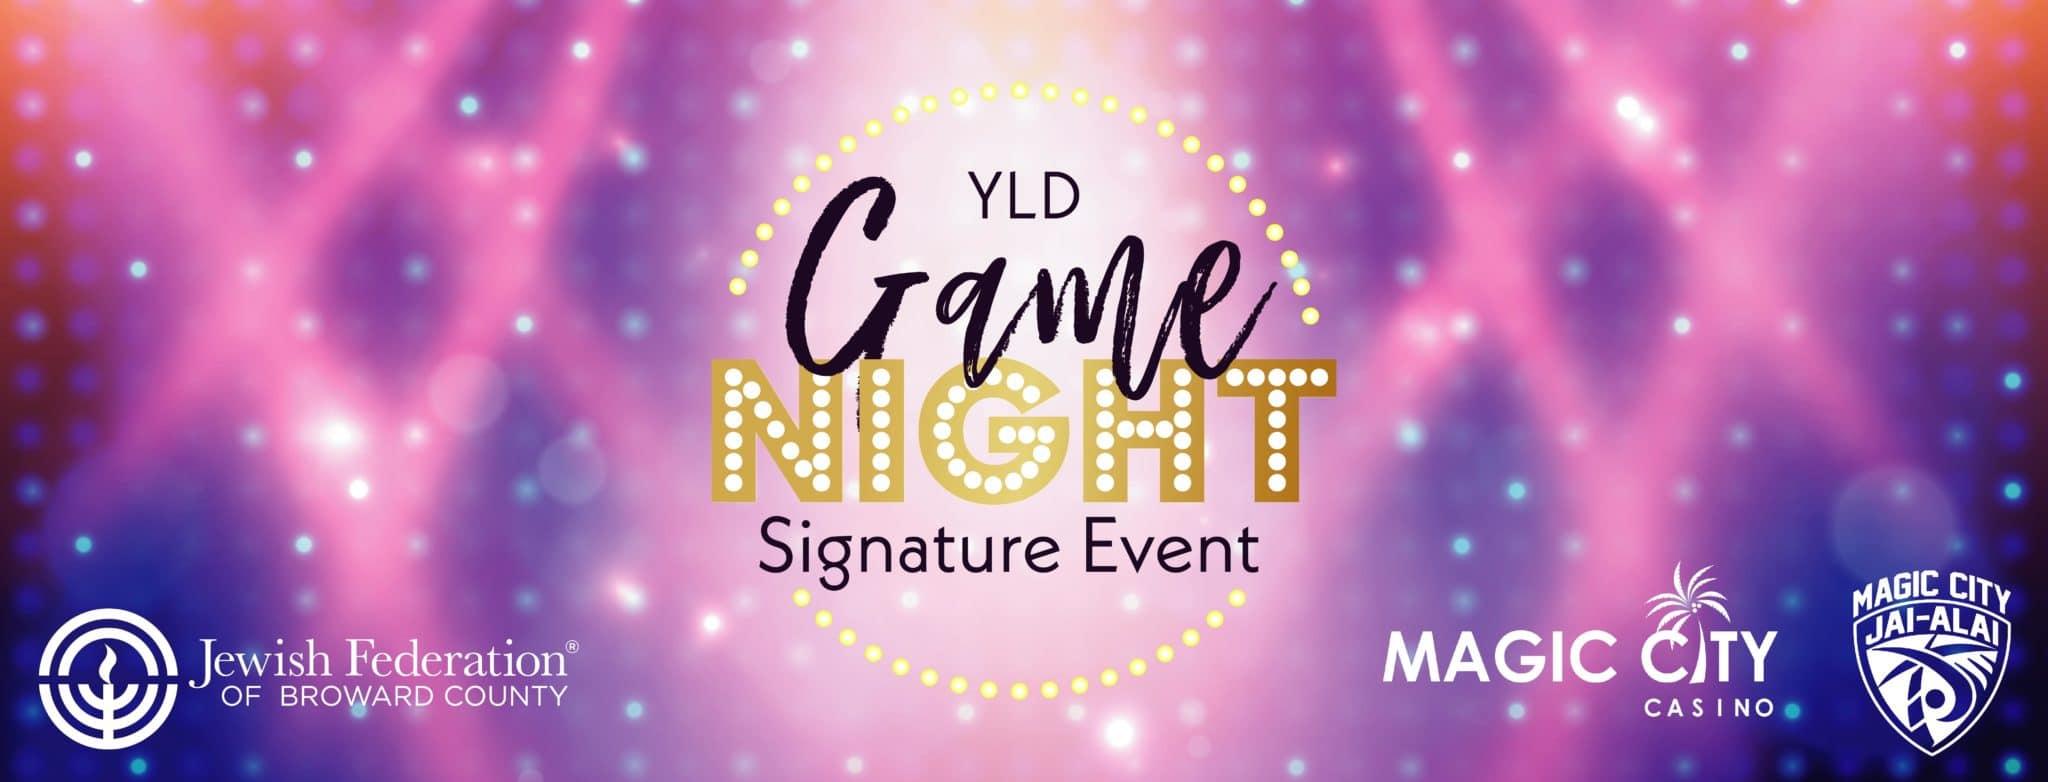 Signature Event Registration